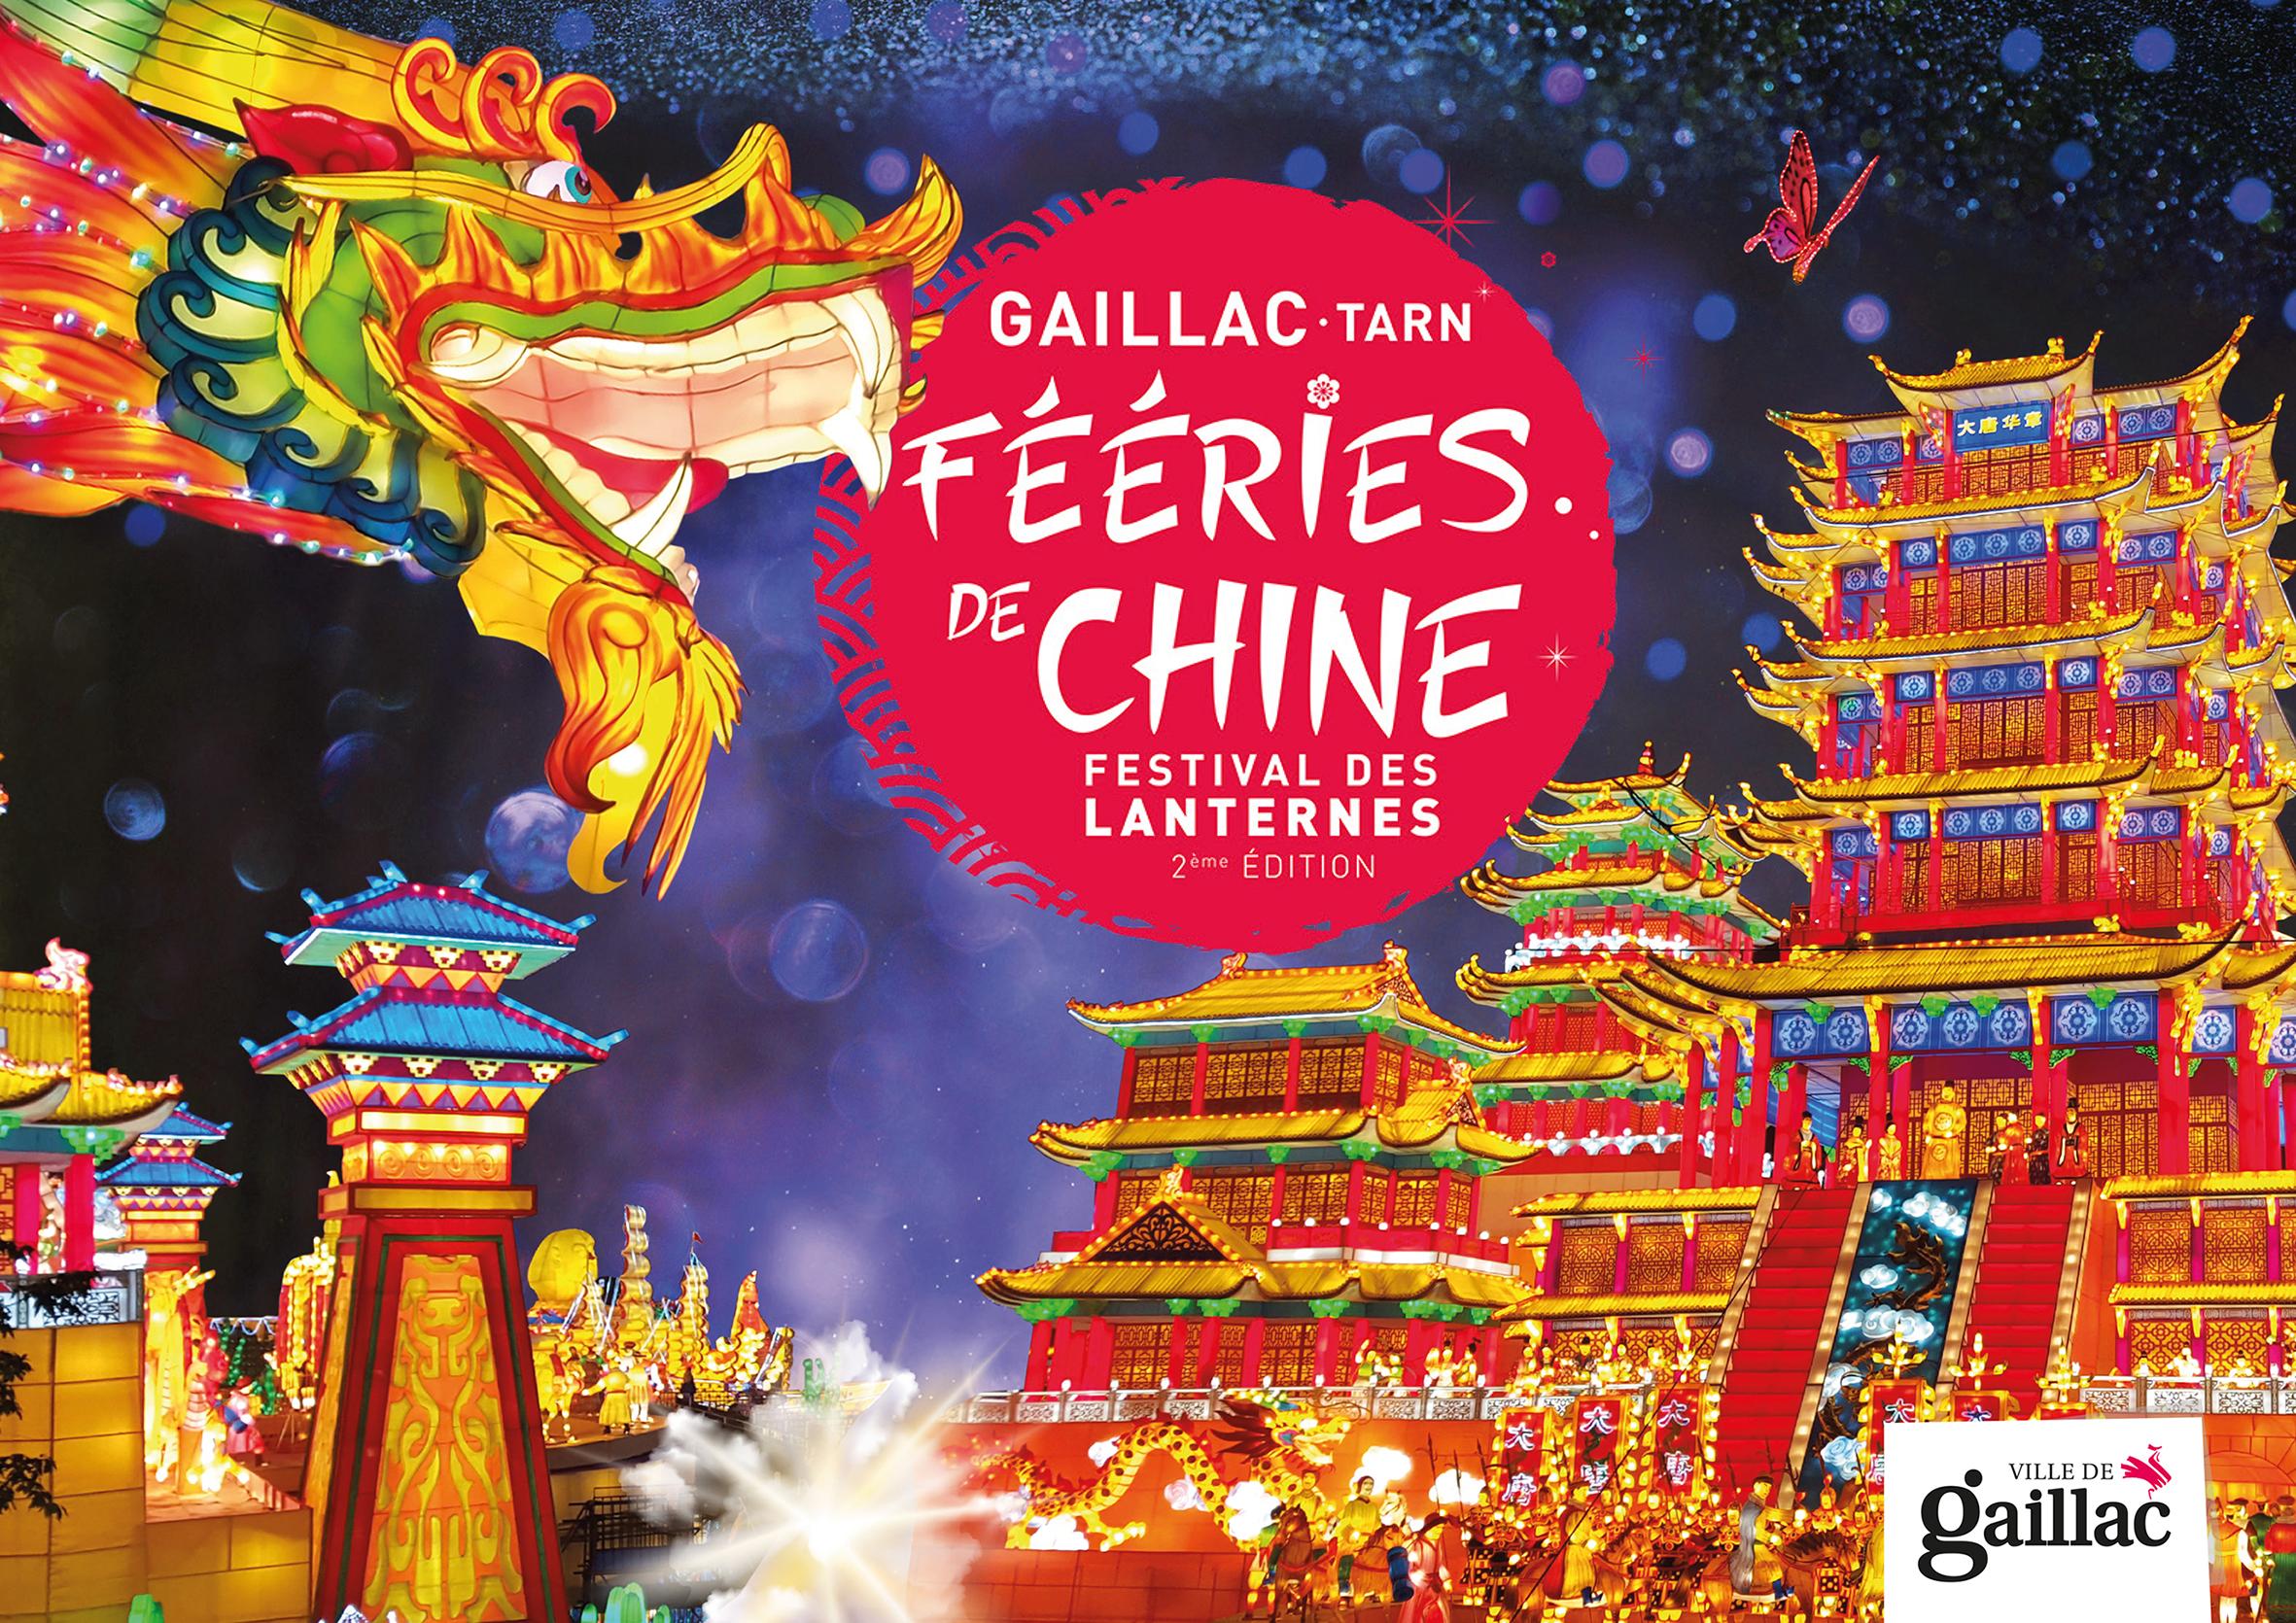 festival des lanternes 2eme edition